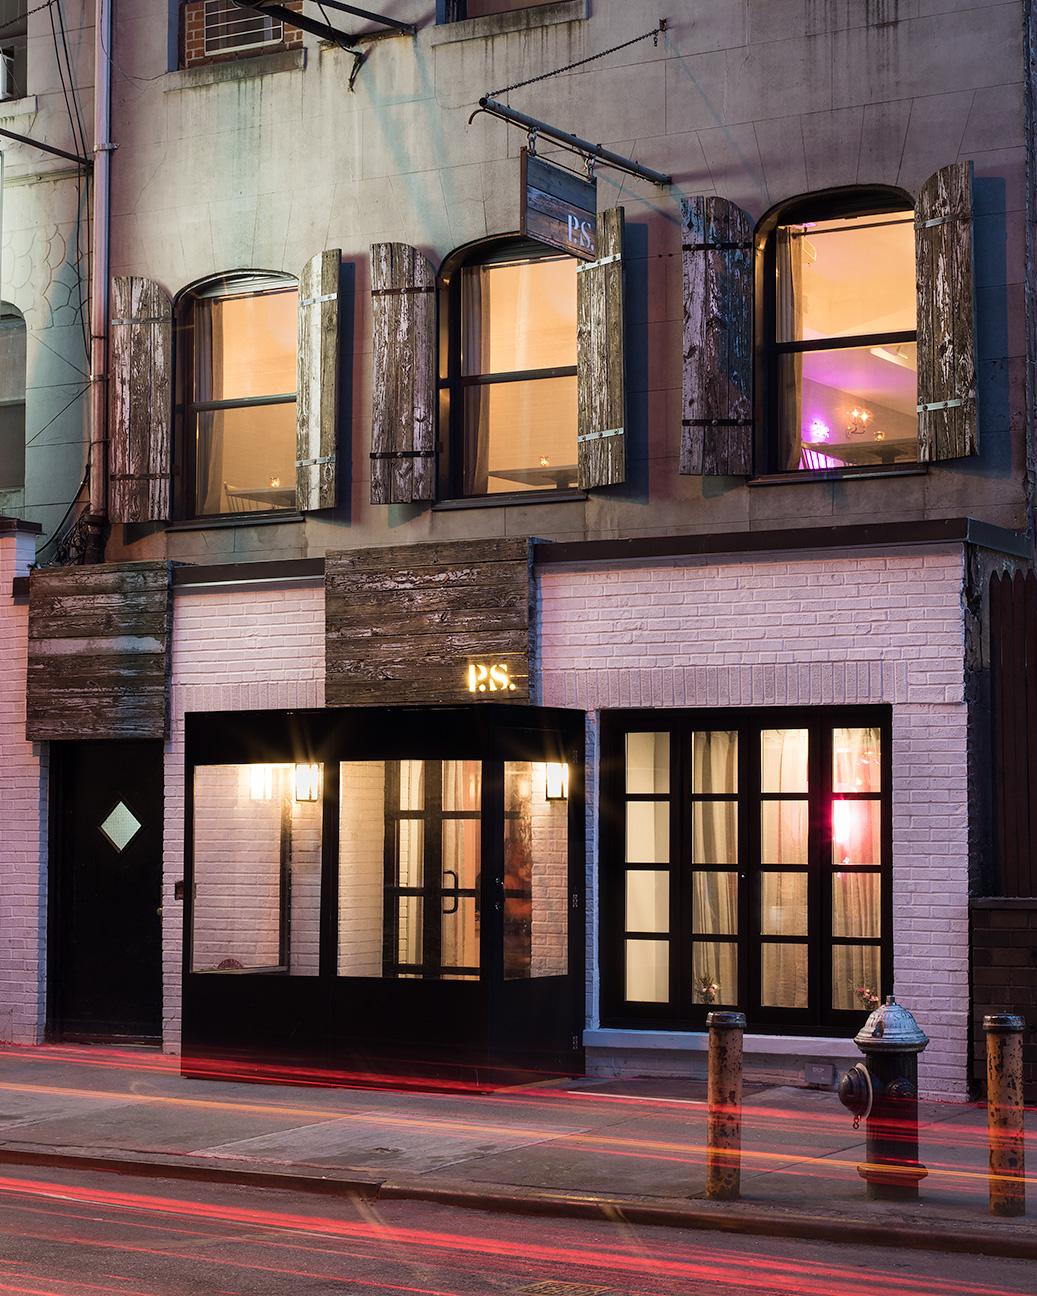 p.s. kitchen - 48th street facade